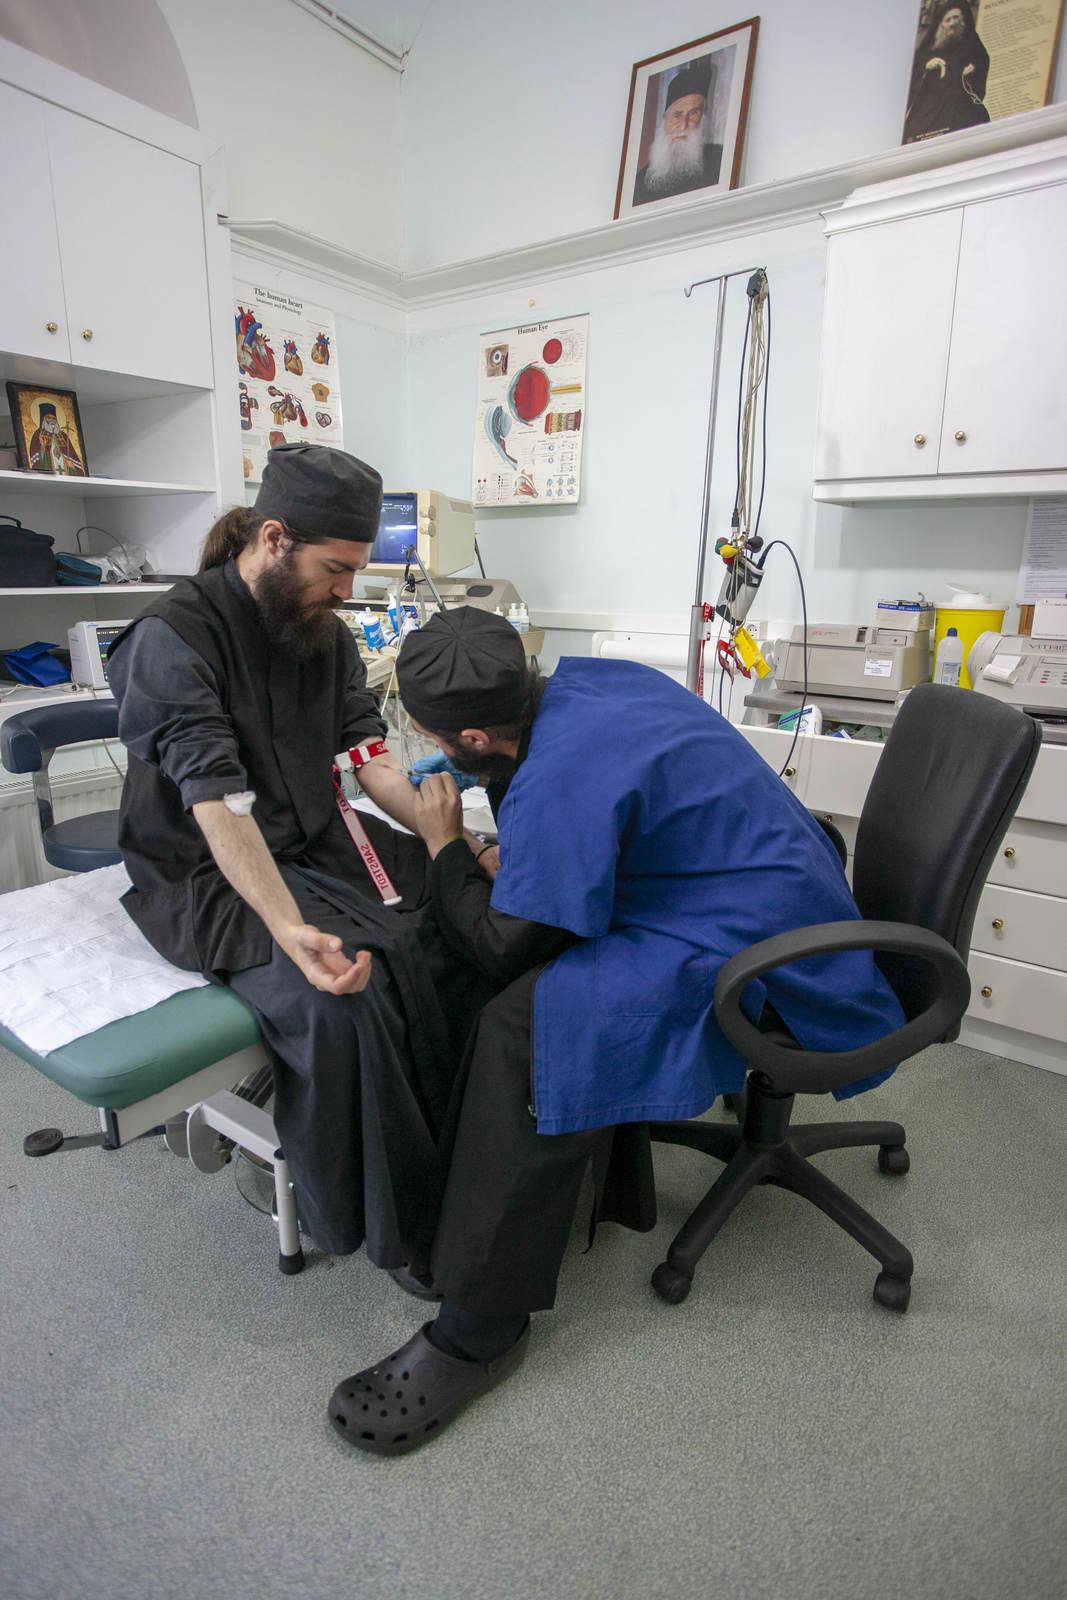 Dumnezeu: Medicul nu trebuie lăudat doar atunci când își trimite pacientul la tratament în grădini și pajiști